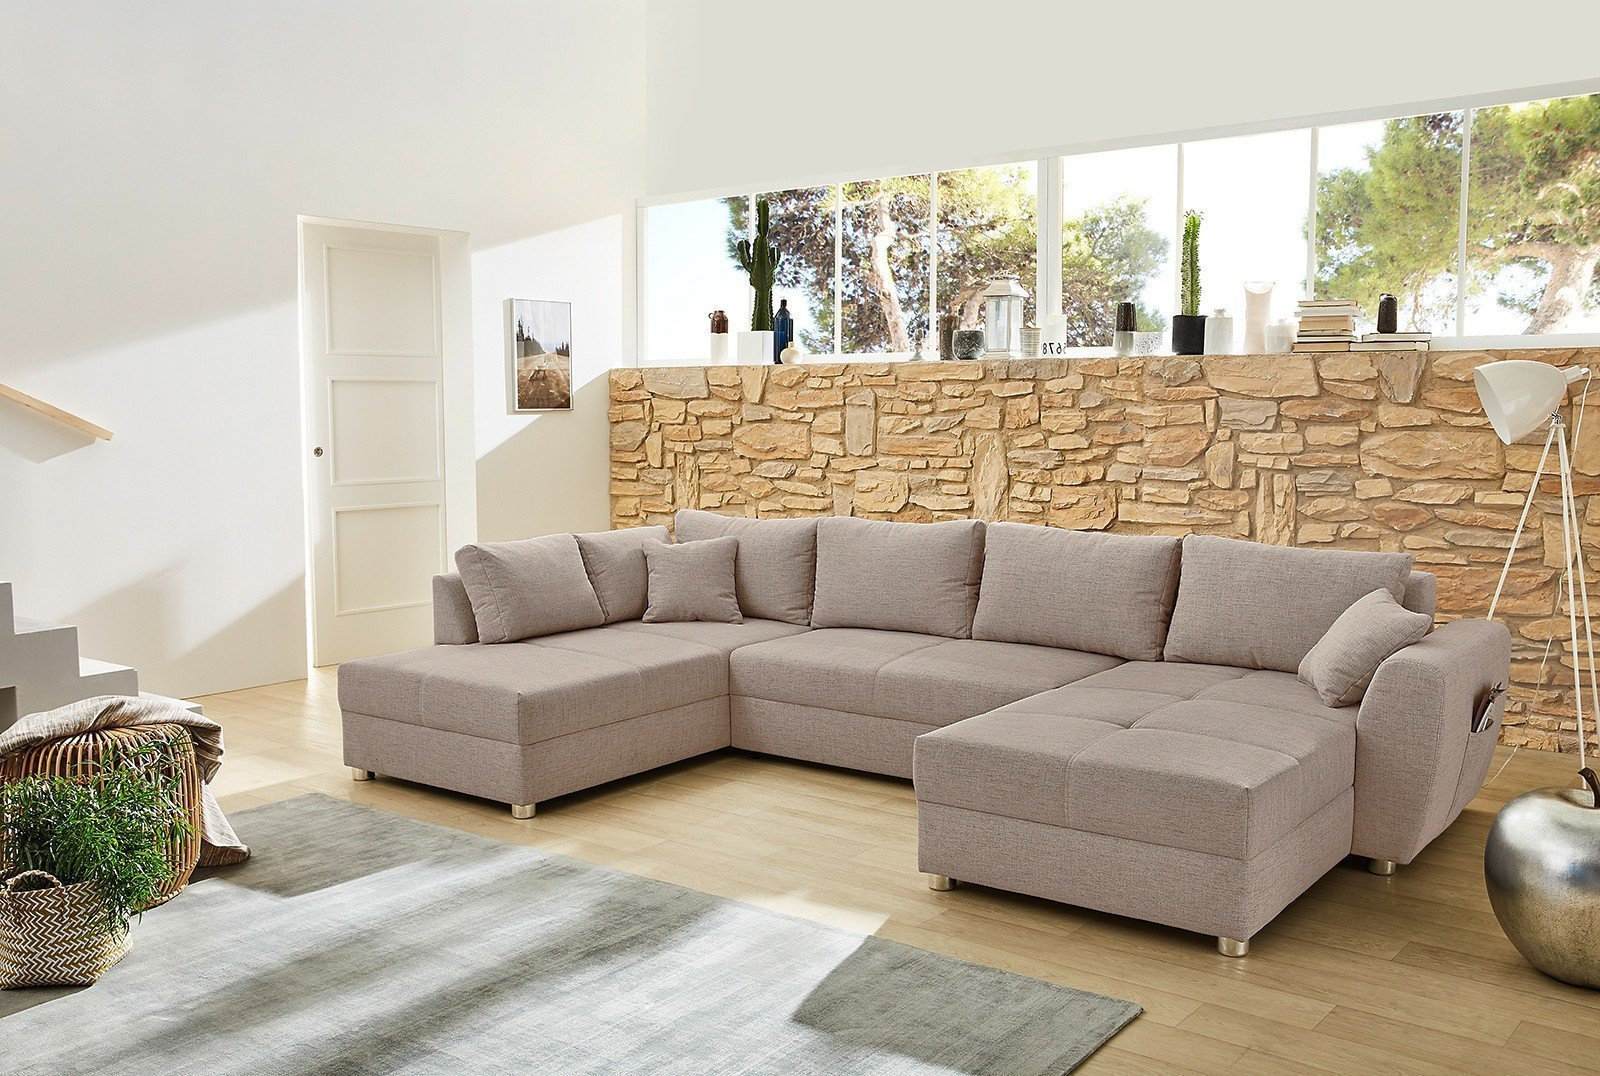 jockenh fer polsterm bel starnberg sofa beige m bel letz. Black Bedroom Furniture Sets. Home Design Ideas